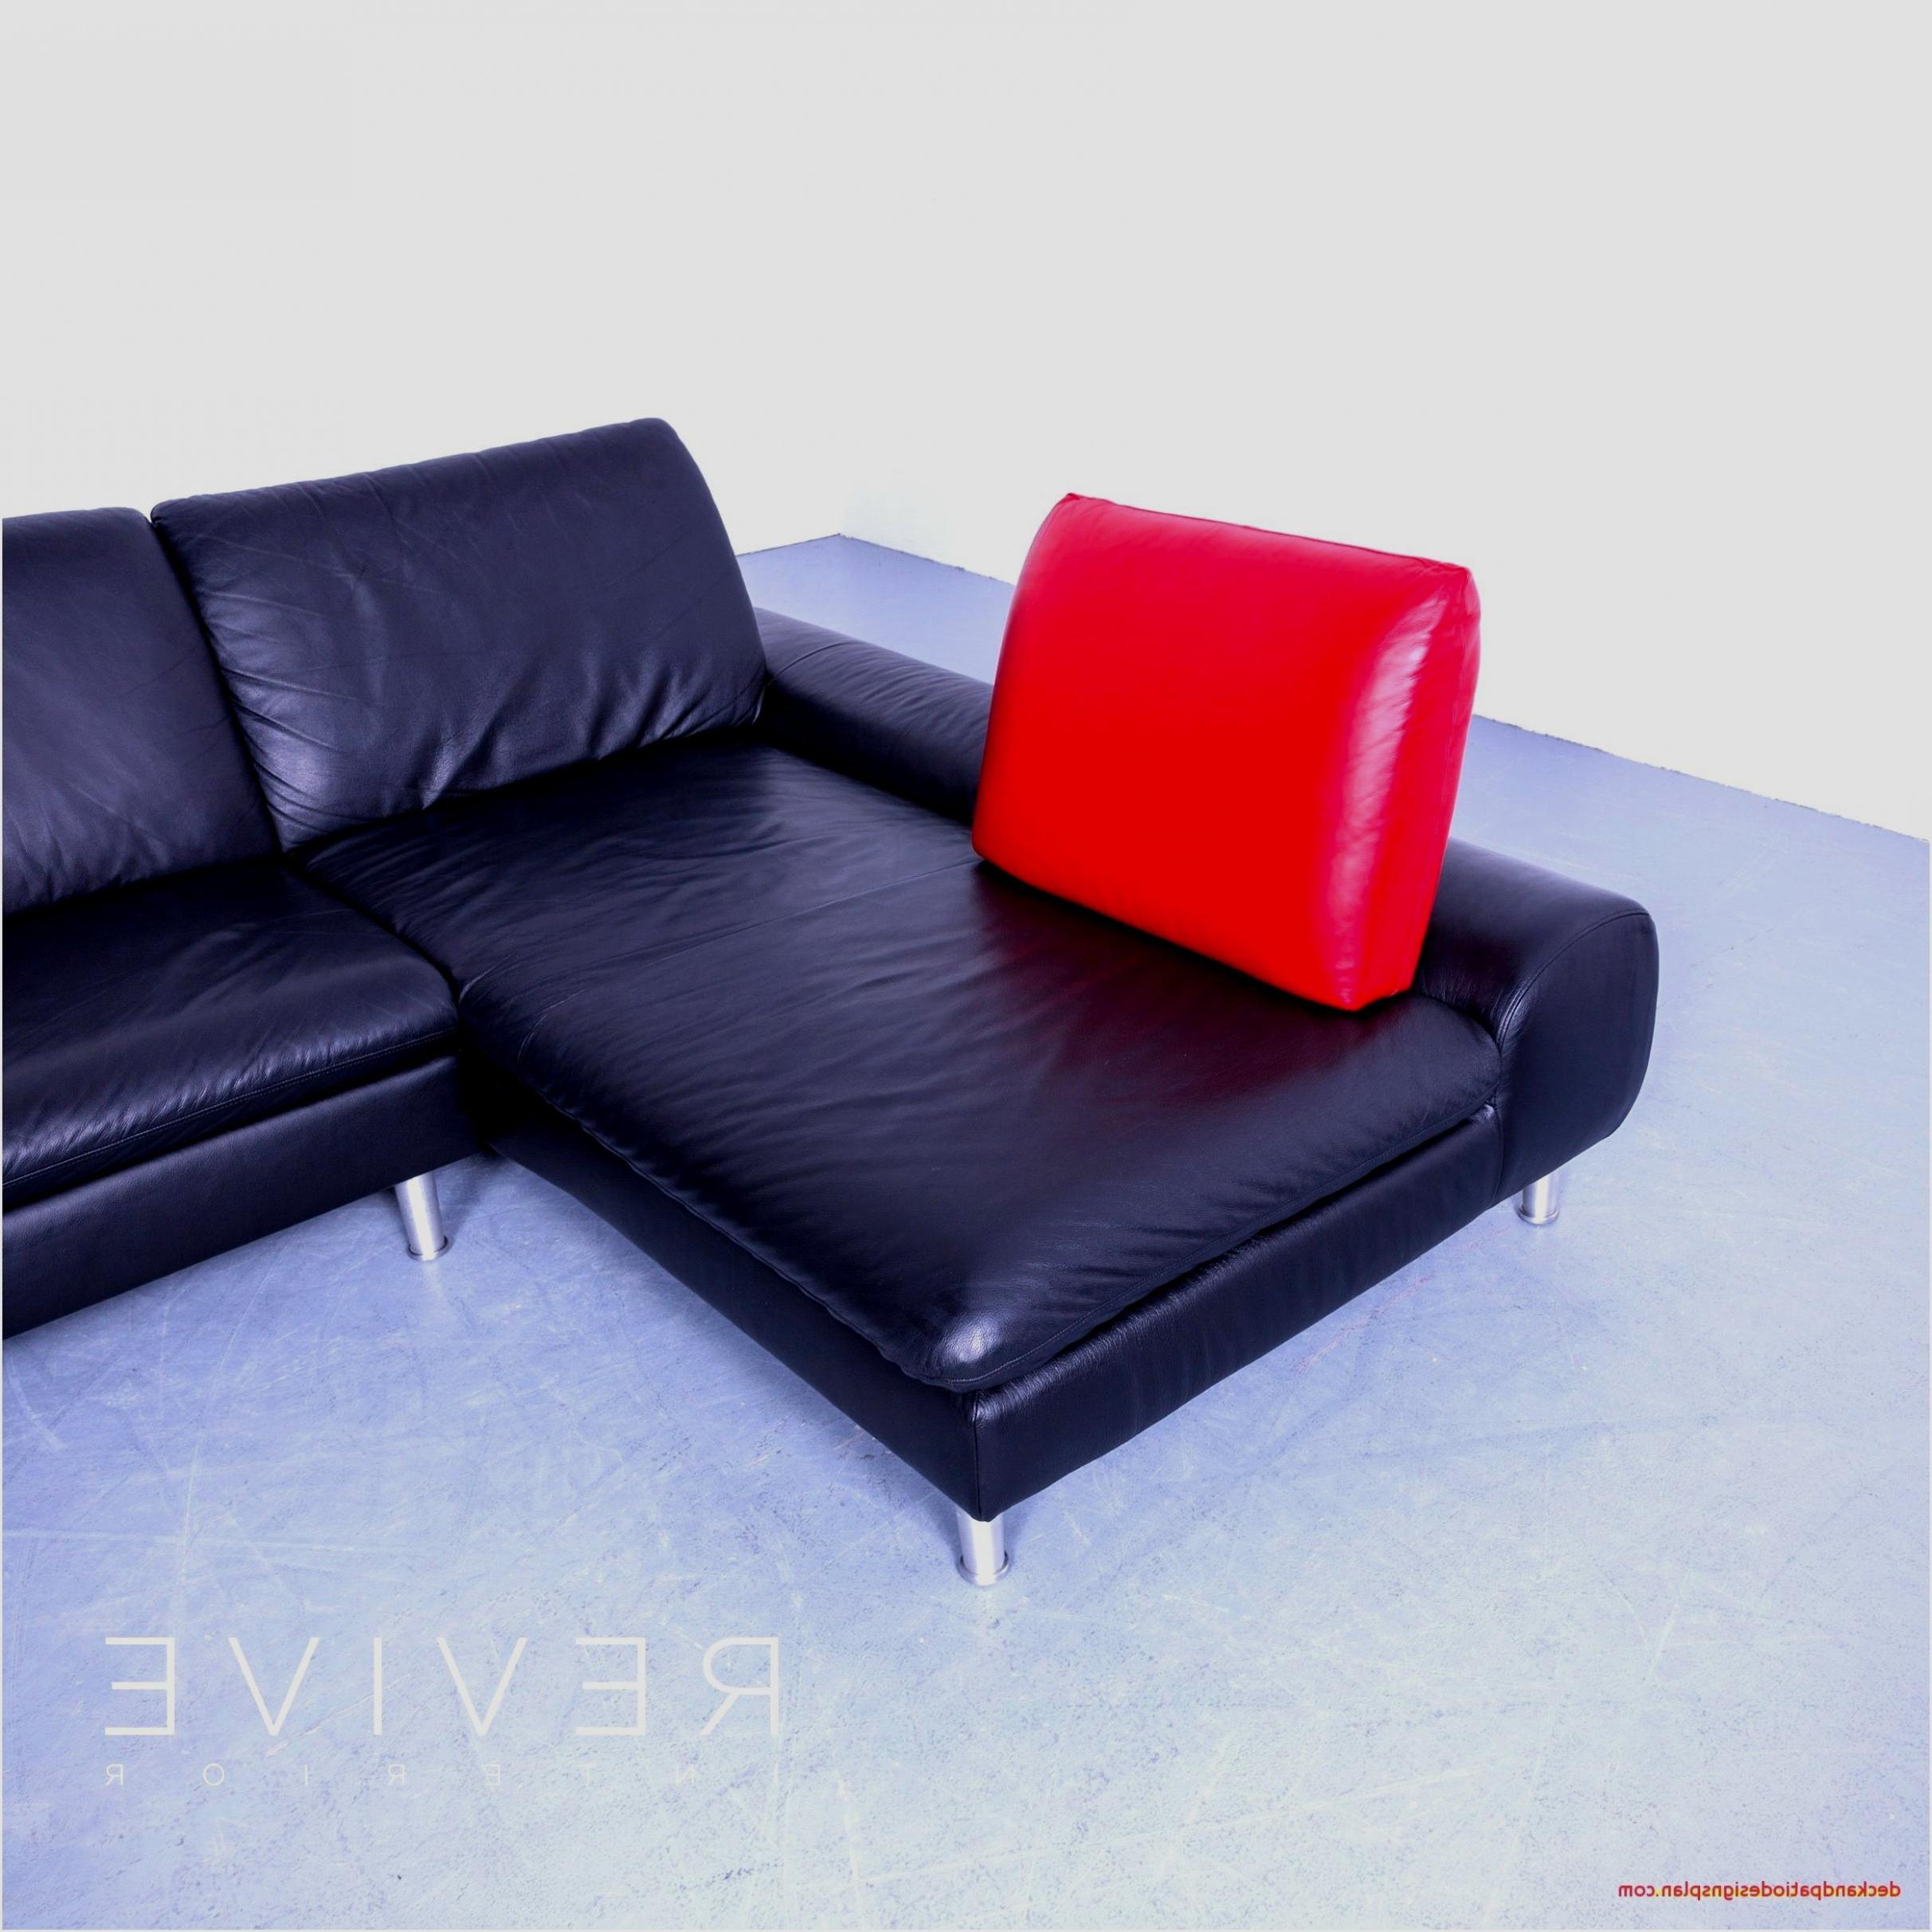 Sofas De Ocasion Txdf sofas De Ocasion Famoso Big sofa Halbrund Busco Sillas